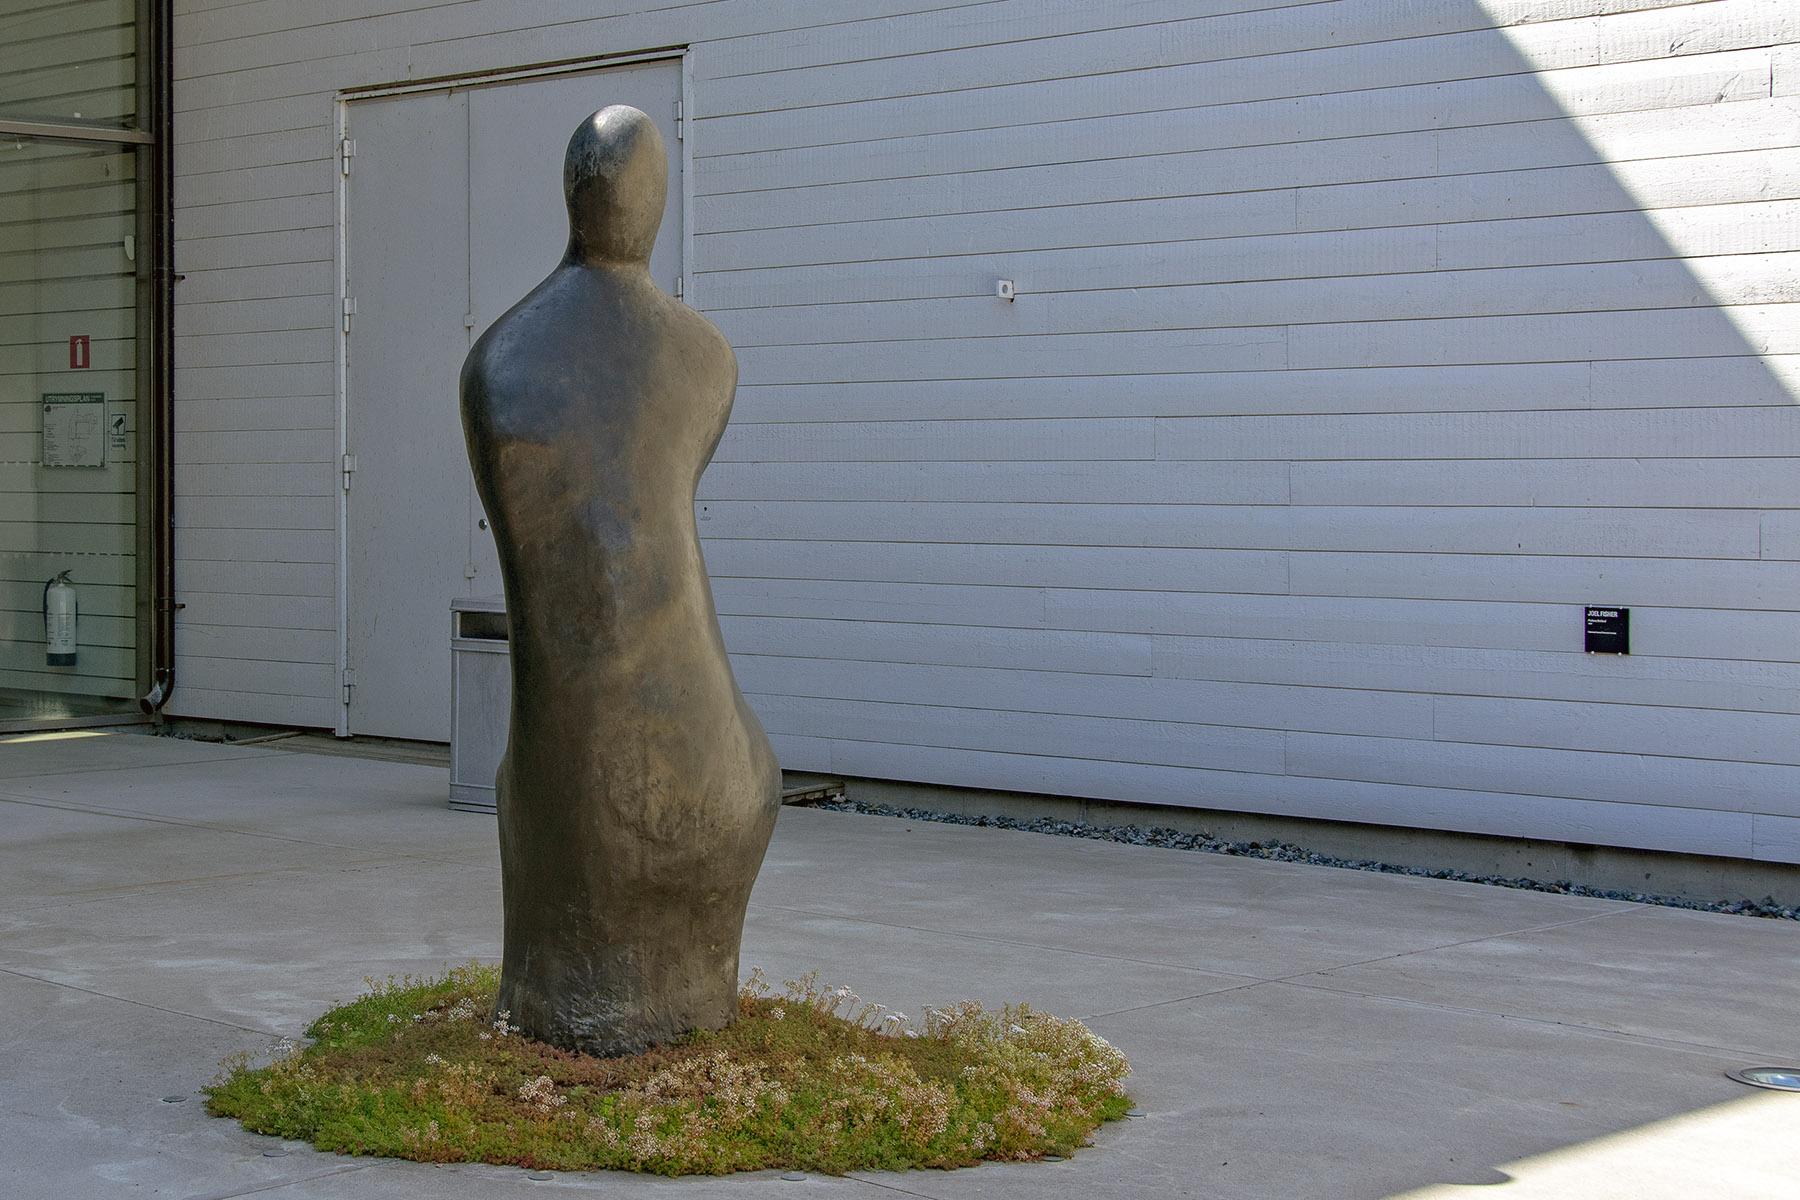 Pollare Joel Fisher Artipelag Skulptur i Natur